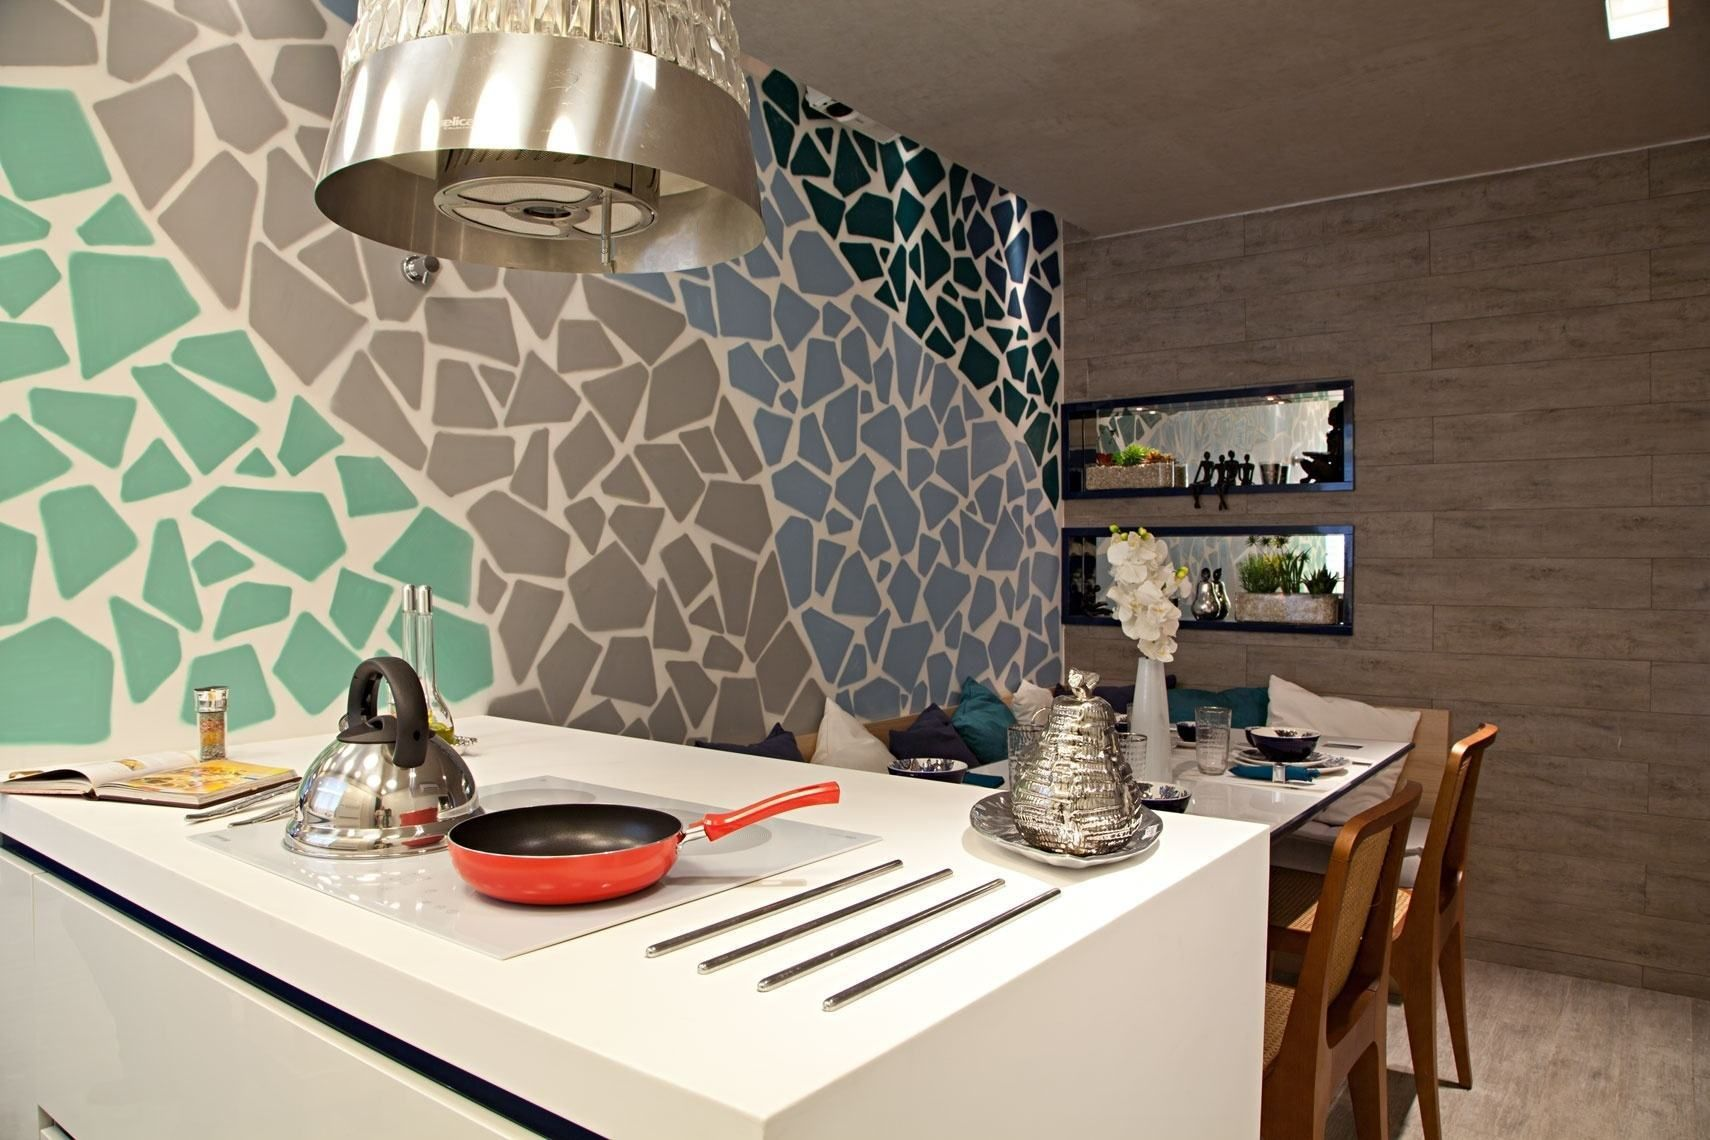 Seleção de projetos criativos utilizando muitas cores na cozinha. Inspire-se com 80 fotos incríveis.